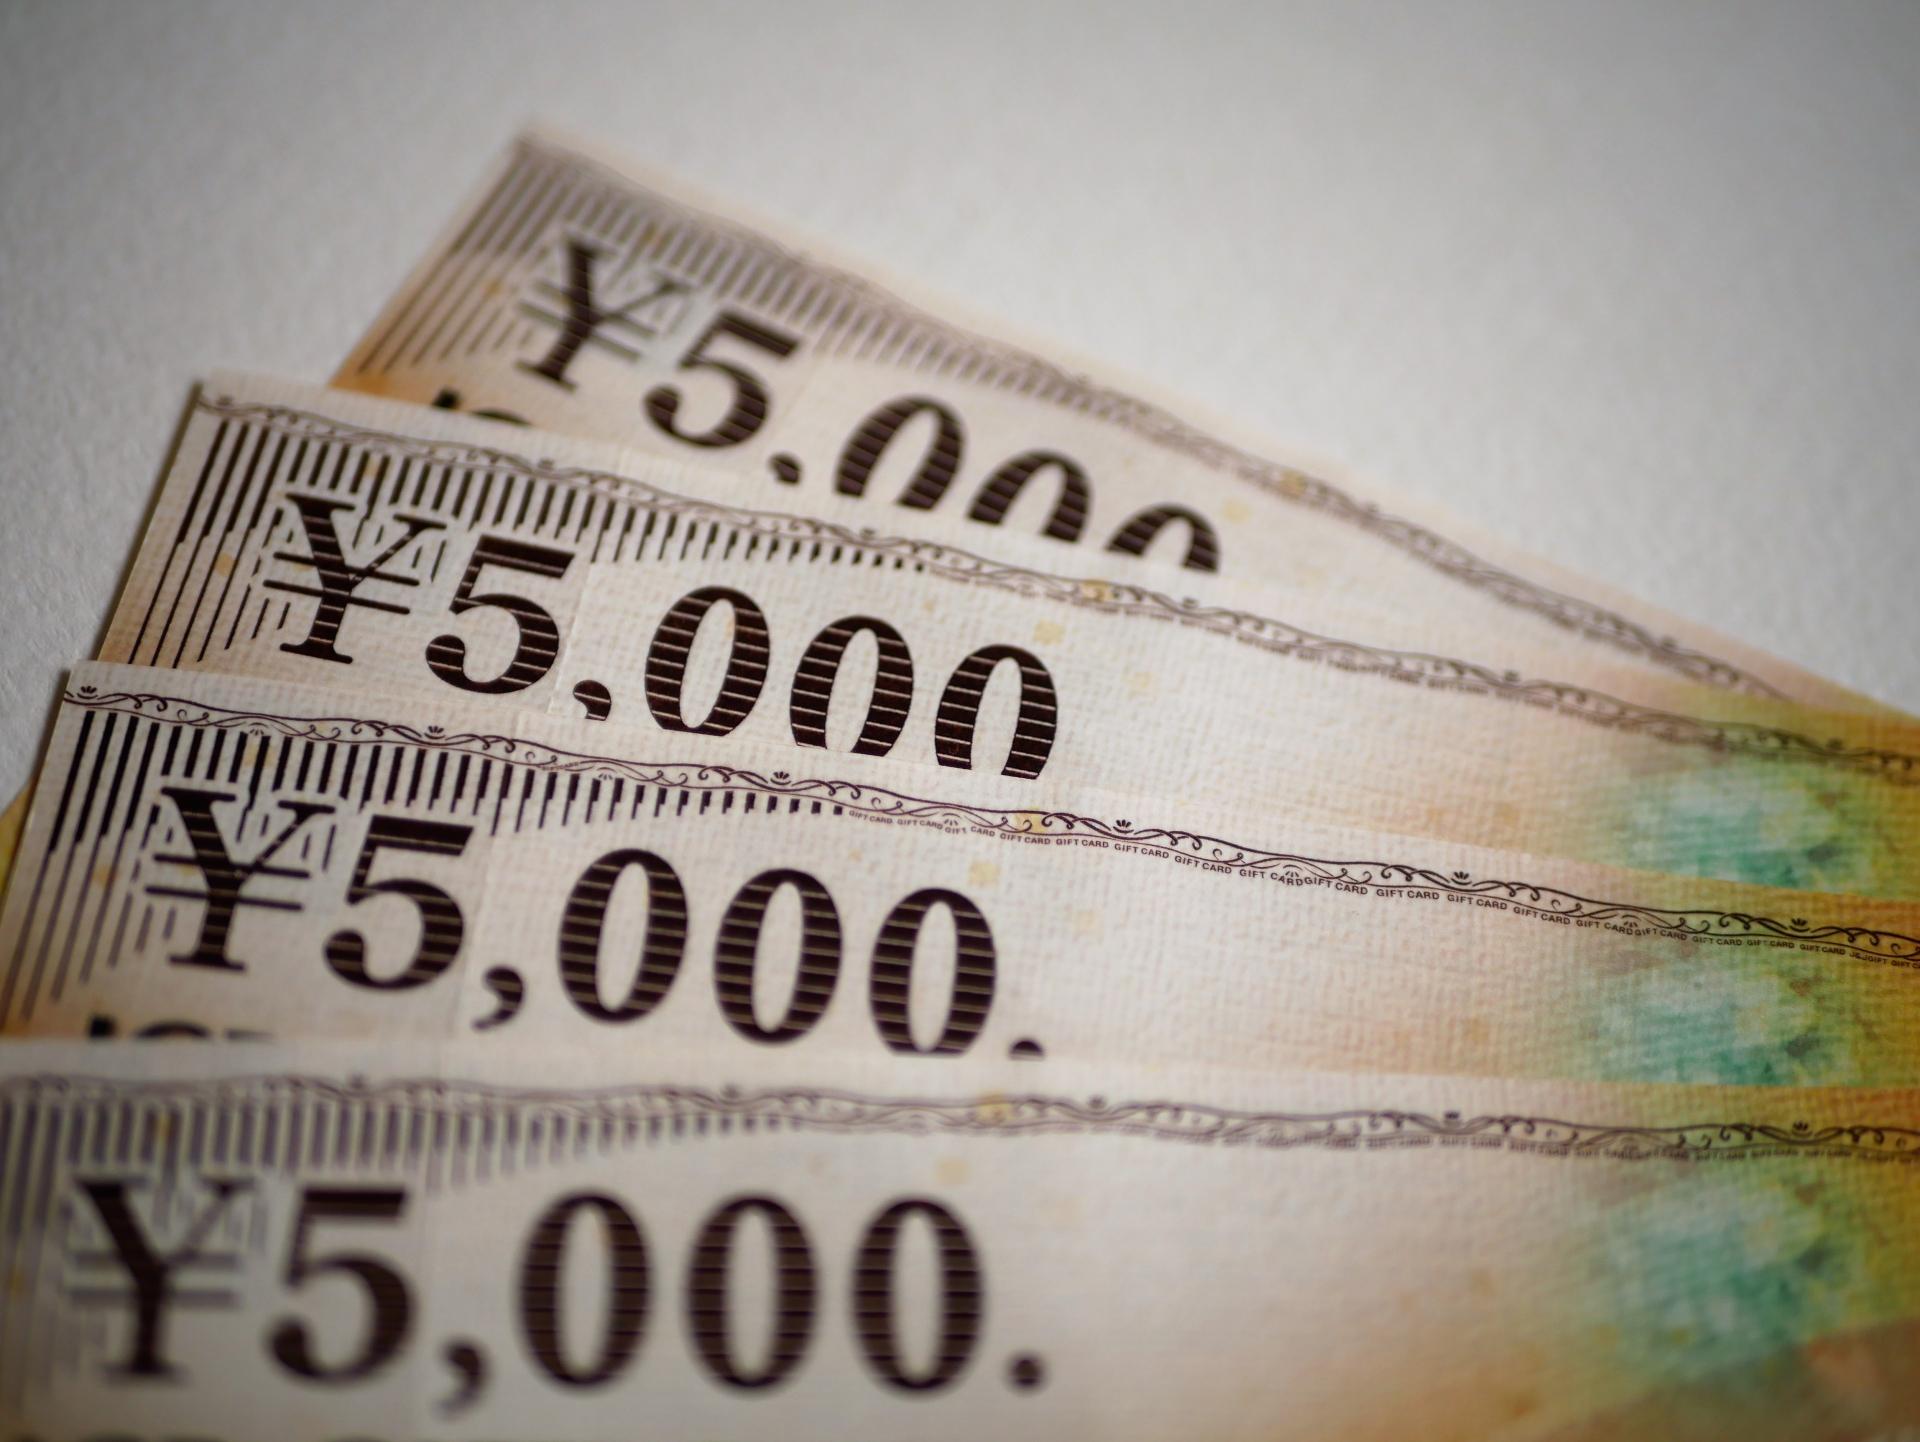 JCBギフトカード5000円